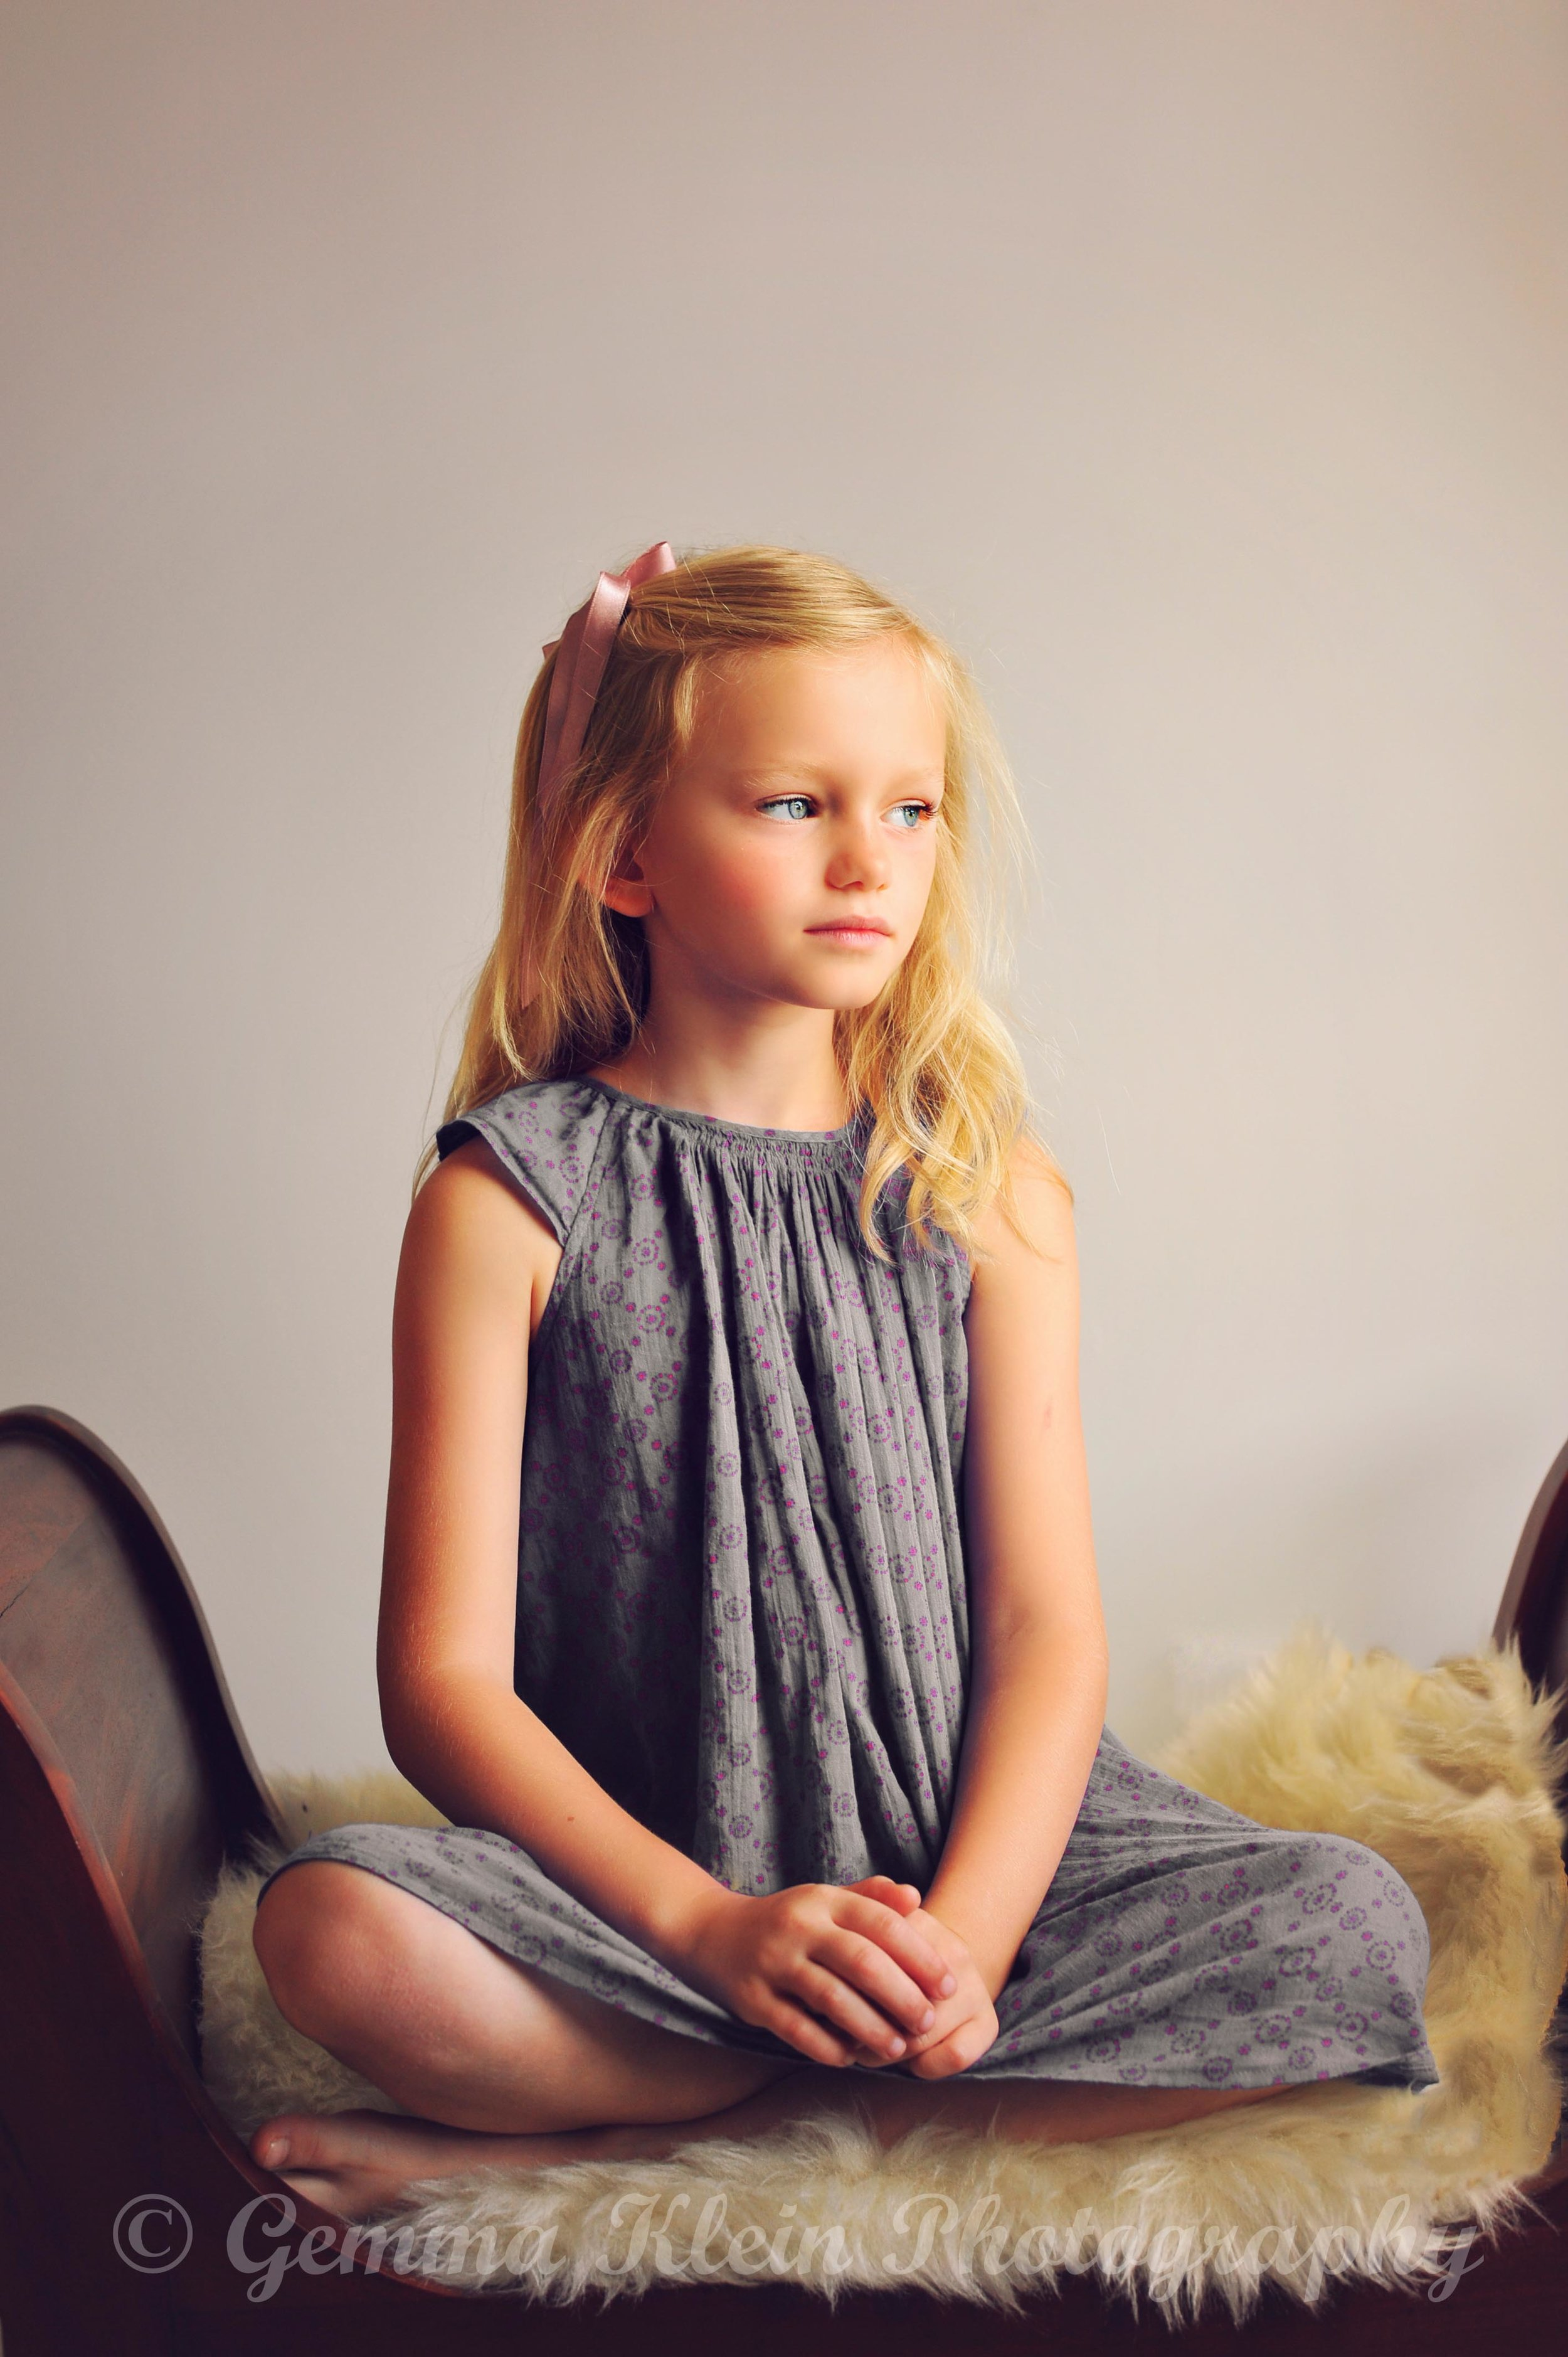 Child Portrait_Gemma Klein Photography_001.jpg